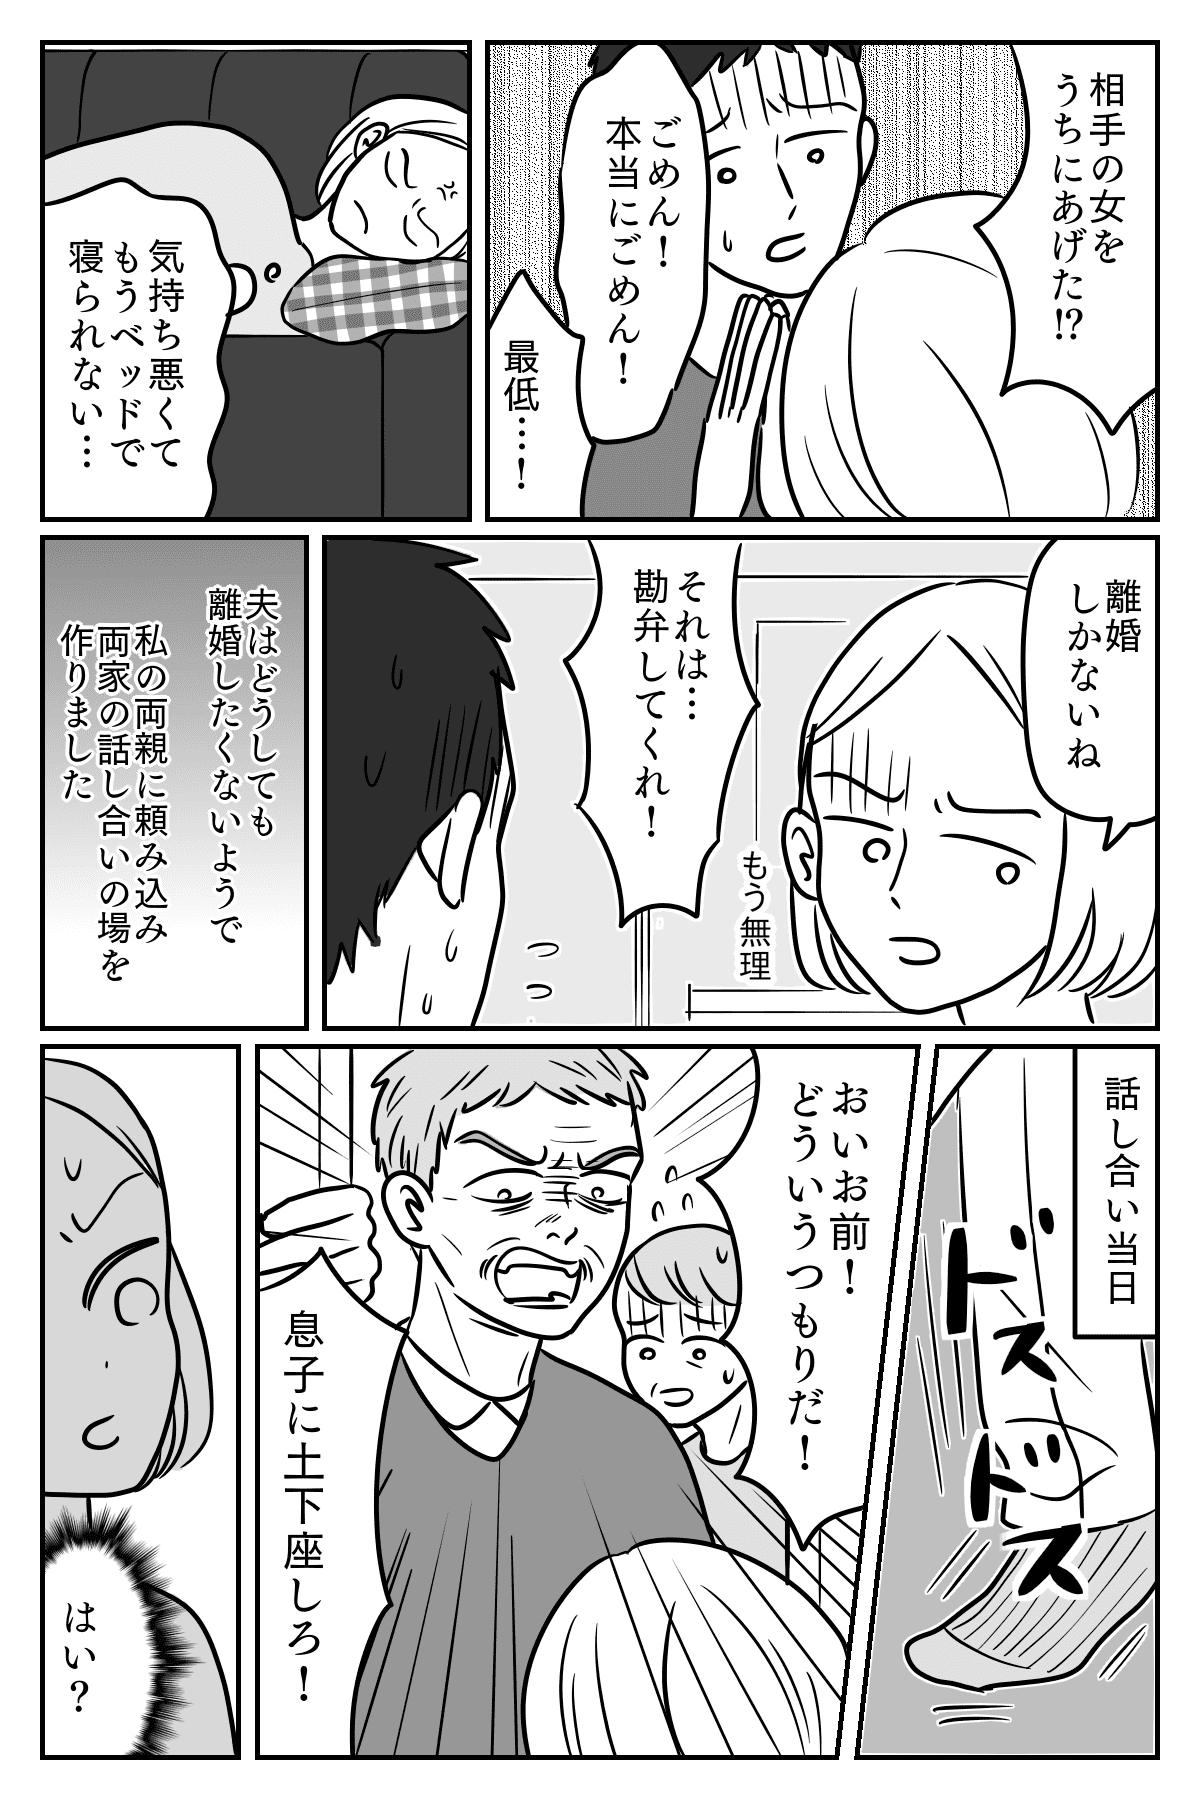 くそじじい1-3